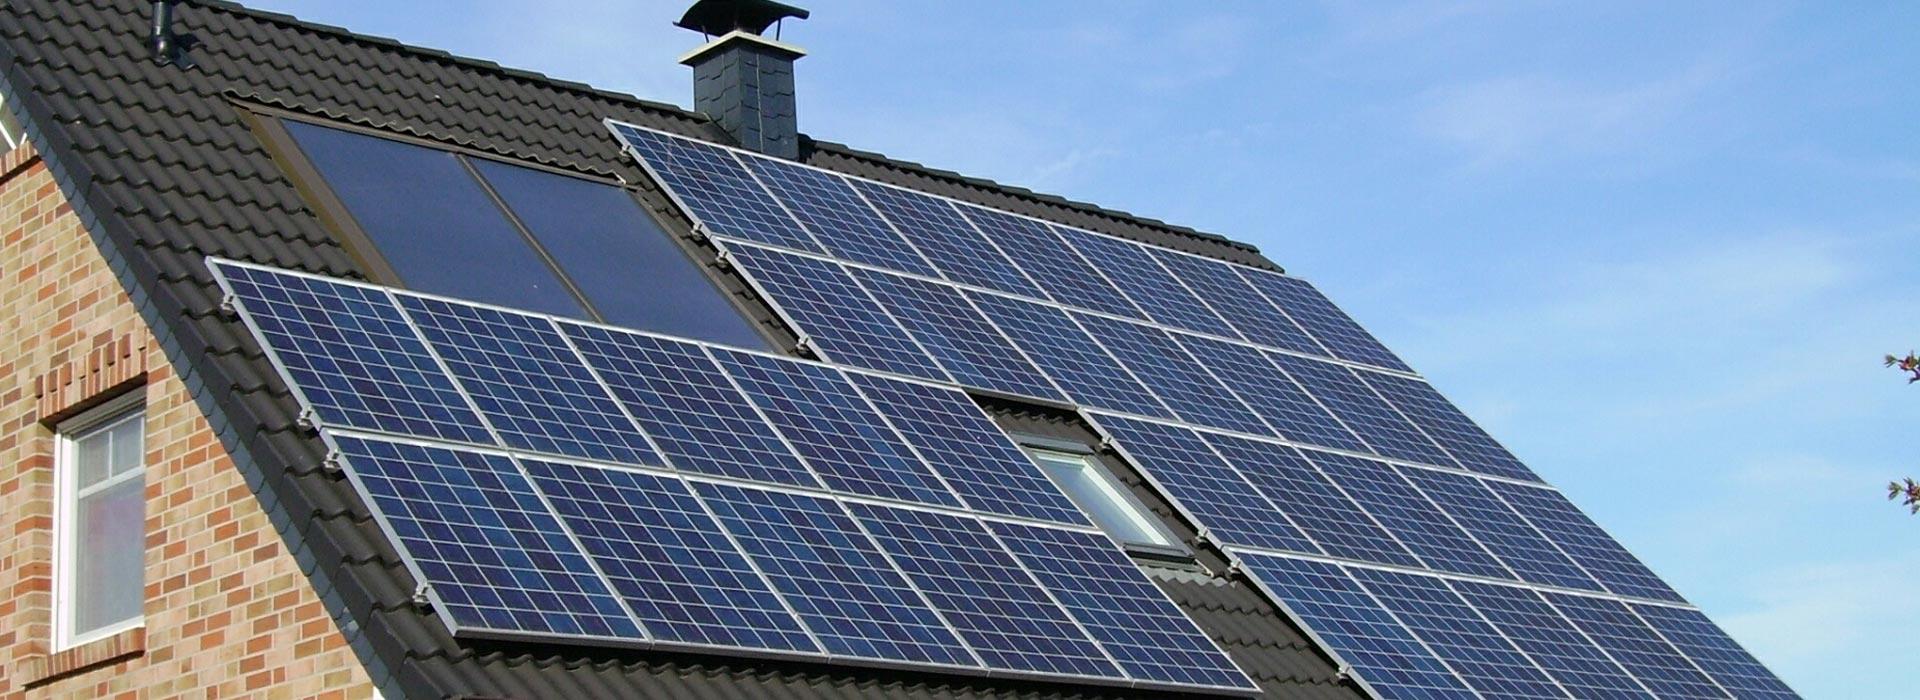 Solaranlagen für Hausdächer